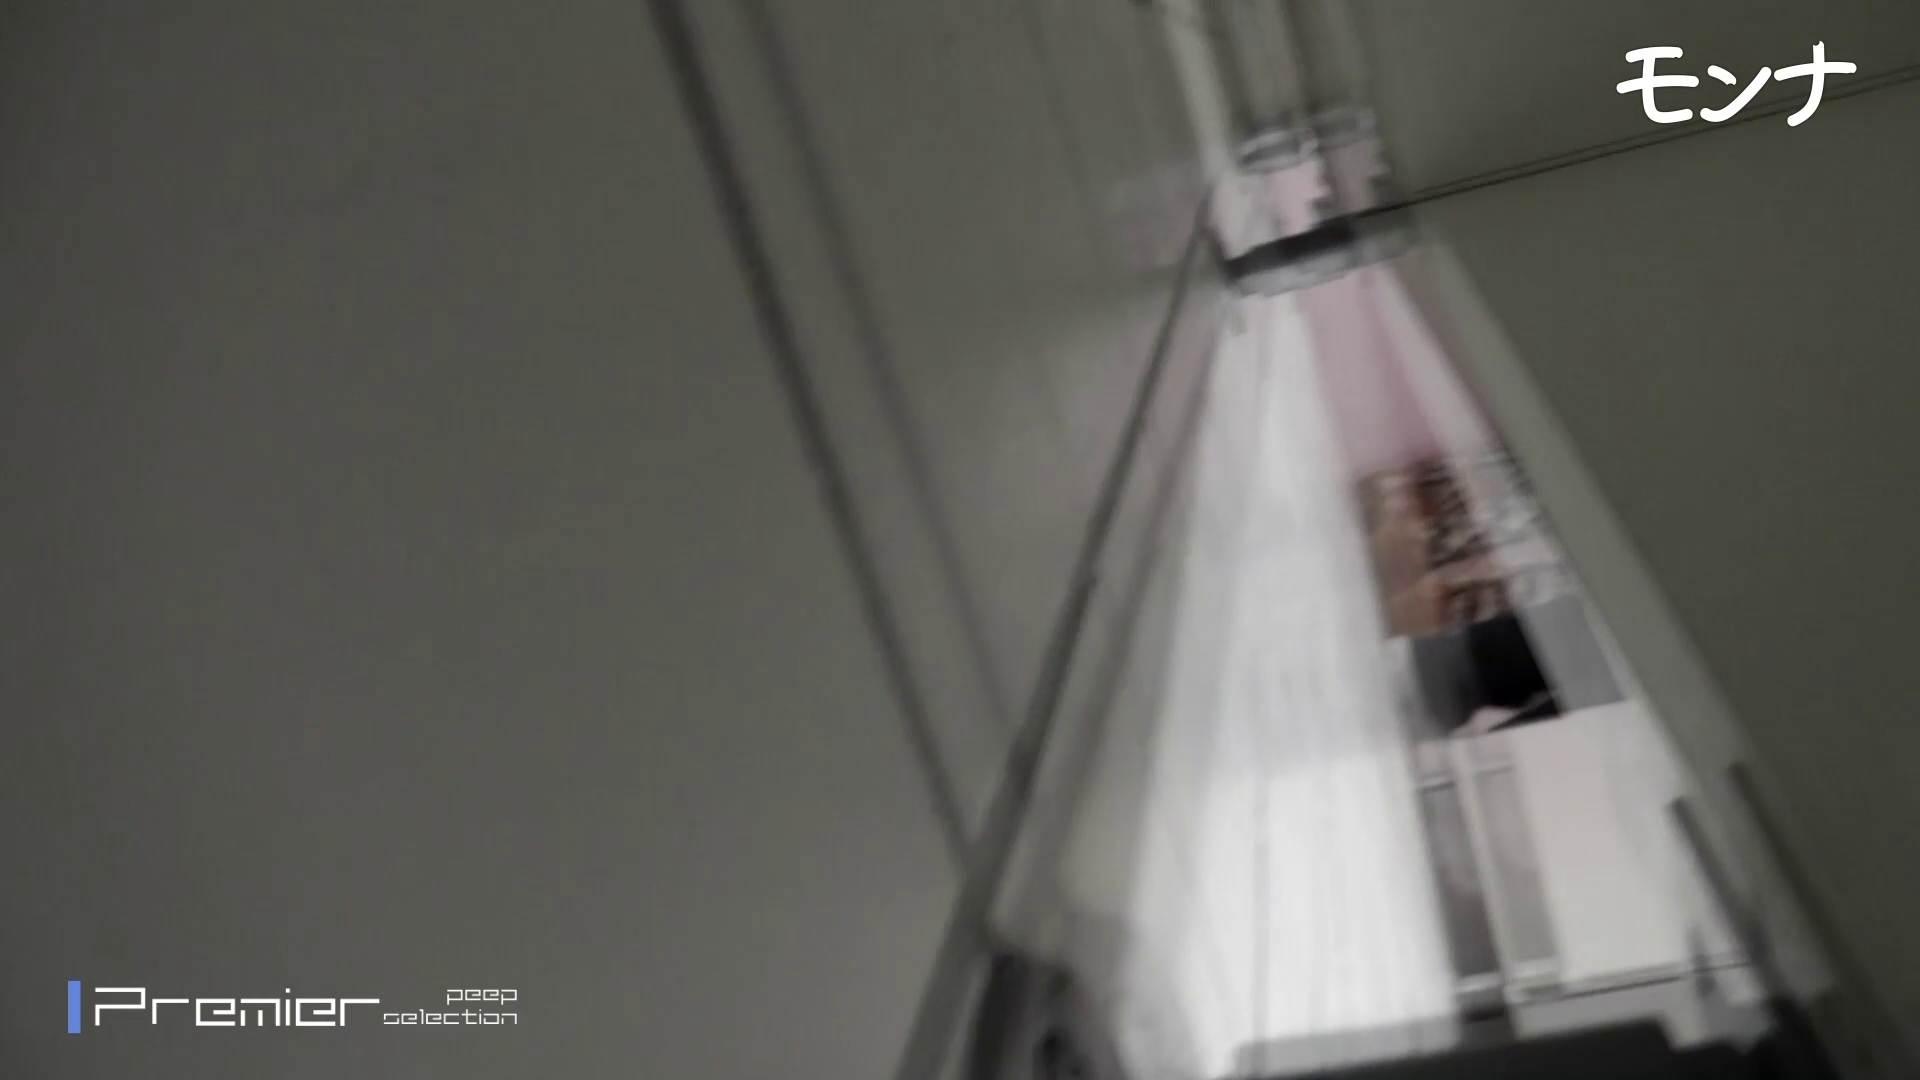 美しい日本の未来 No.83身近によく見かける、普通の女の子を集めてみた 覗き   盗撮エロすぎ  61連発 50